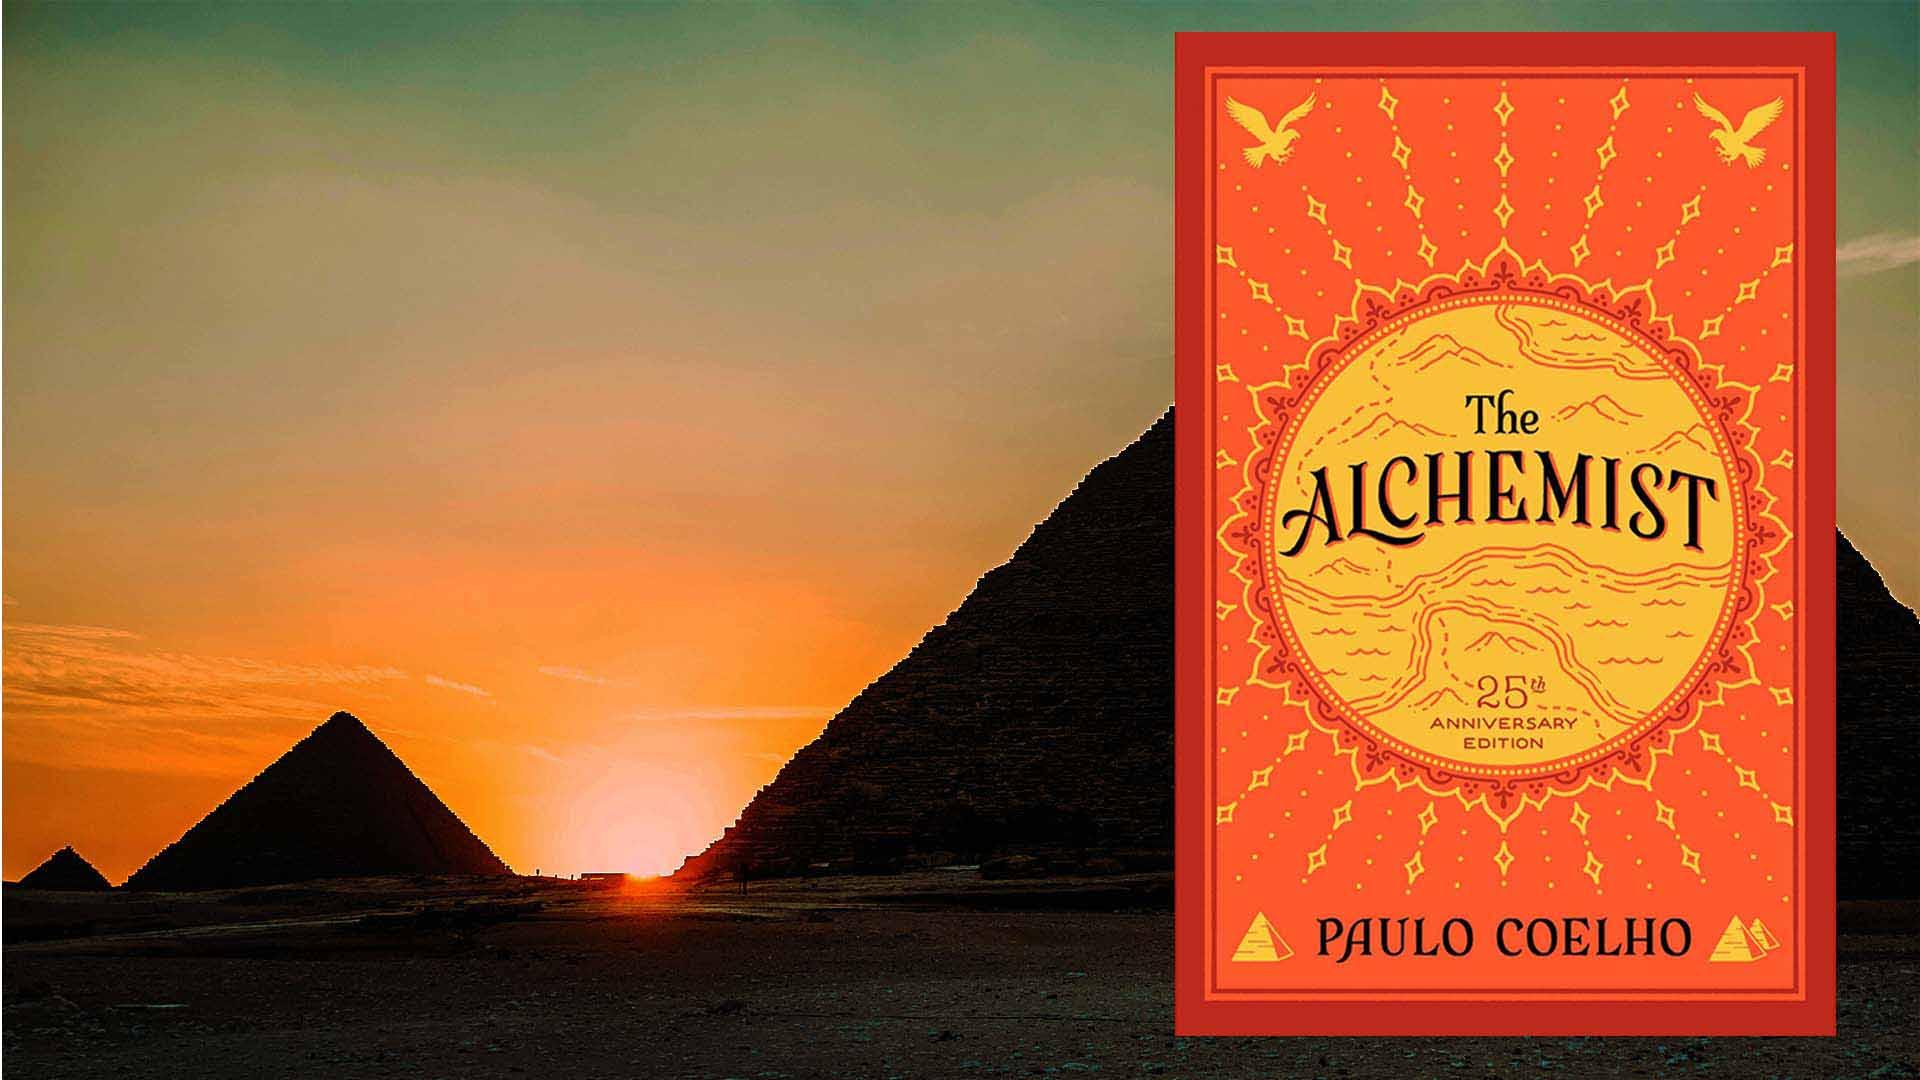 The Alchemist - Famous Books